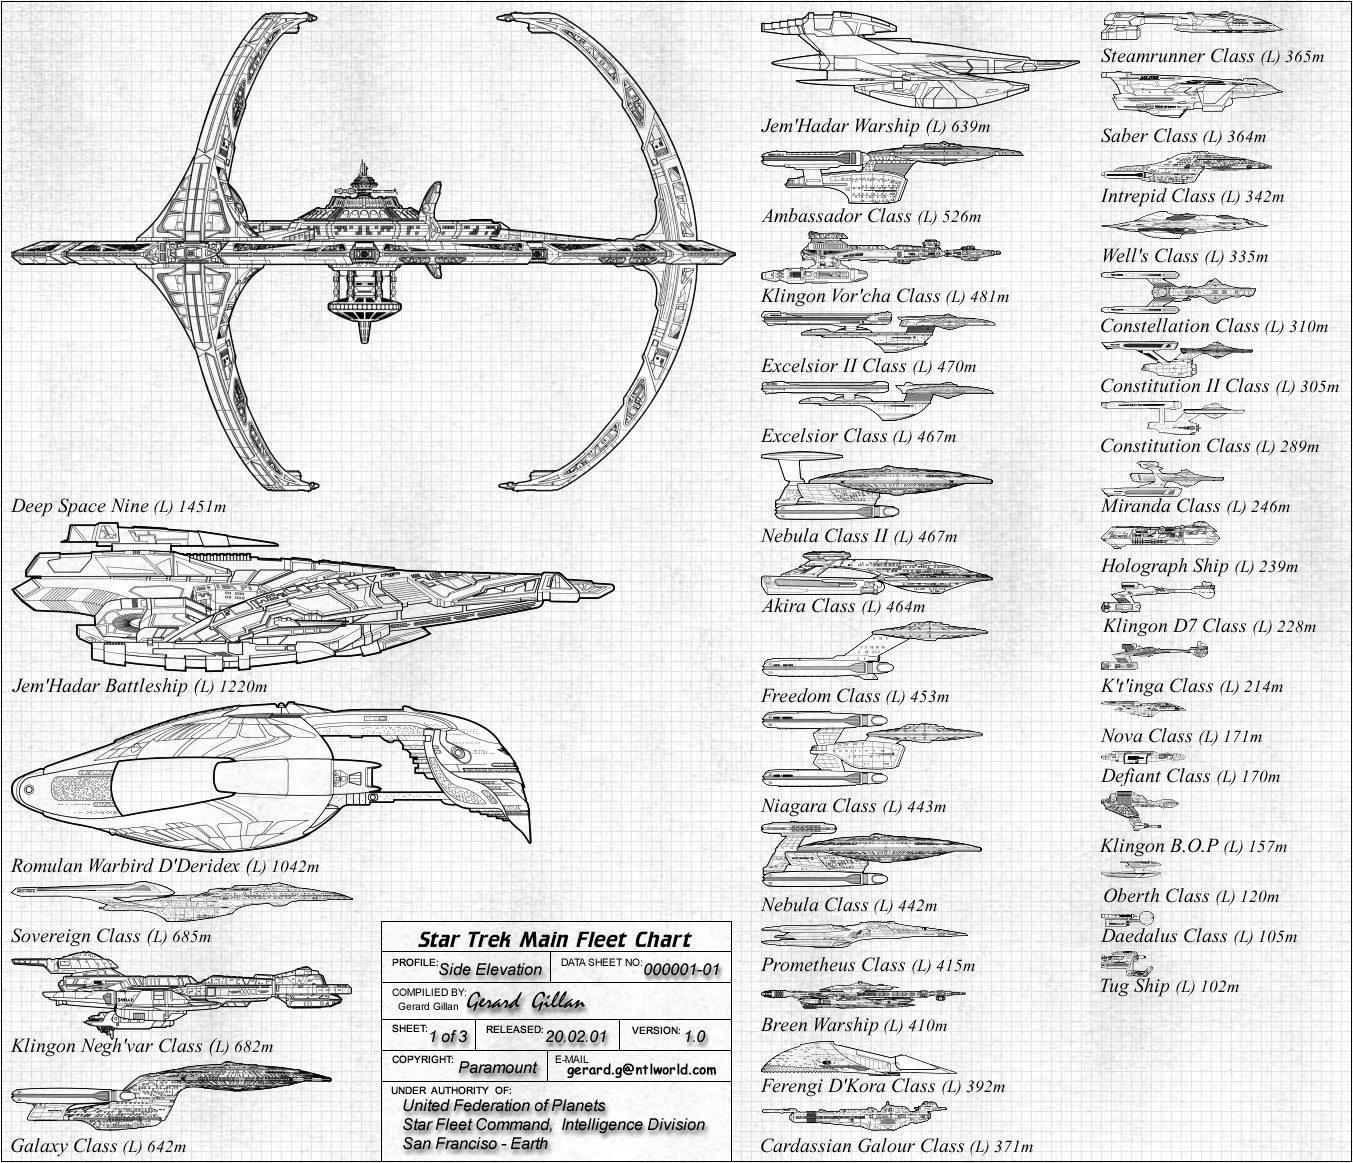 Gilso Fleet Charts:- Main Star Trek Fleet